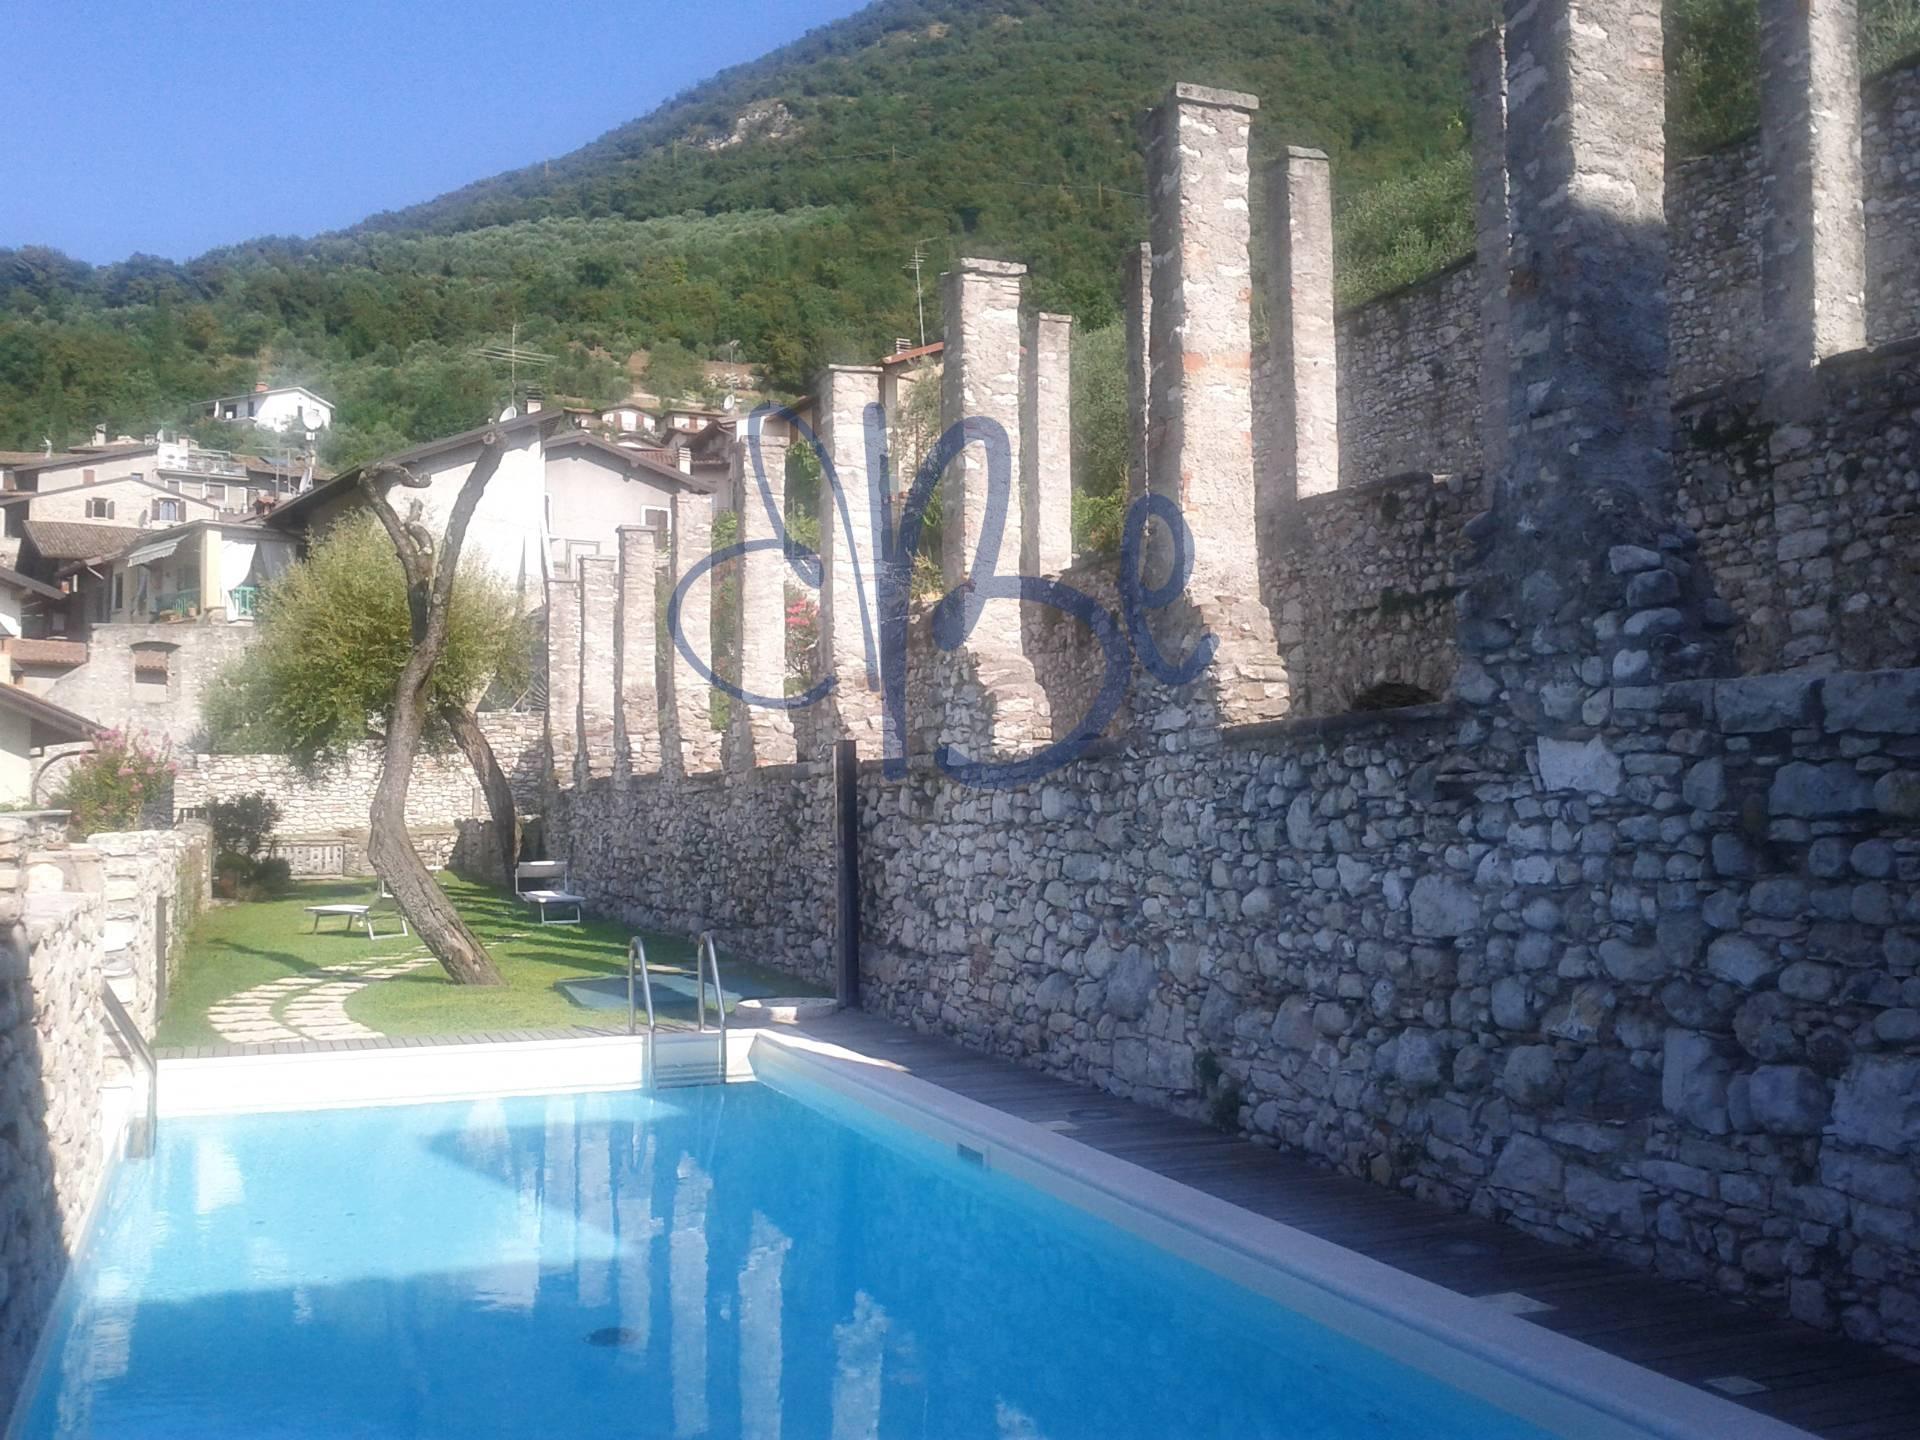 Appartamento in vendita a Gardone Riviera, 3 locali, zona Località: FasanoSopra, prezzo € 180.000 | Cambio Casa.it